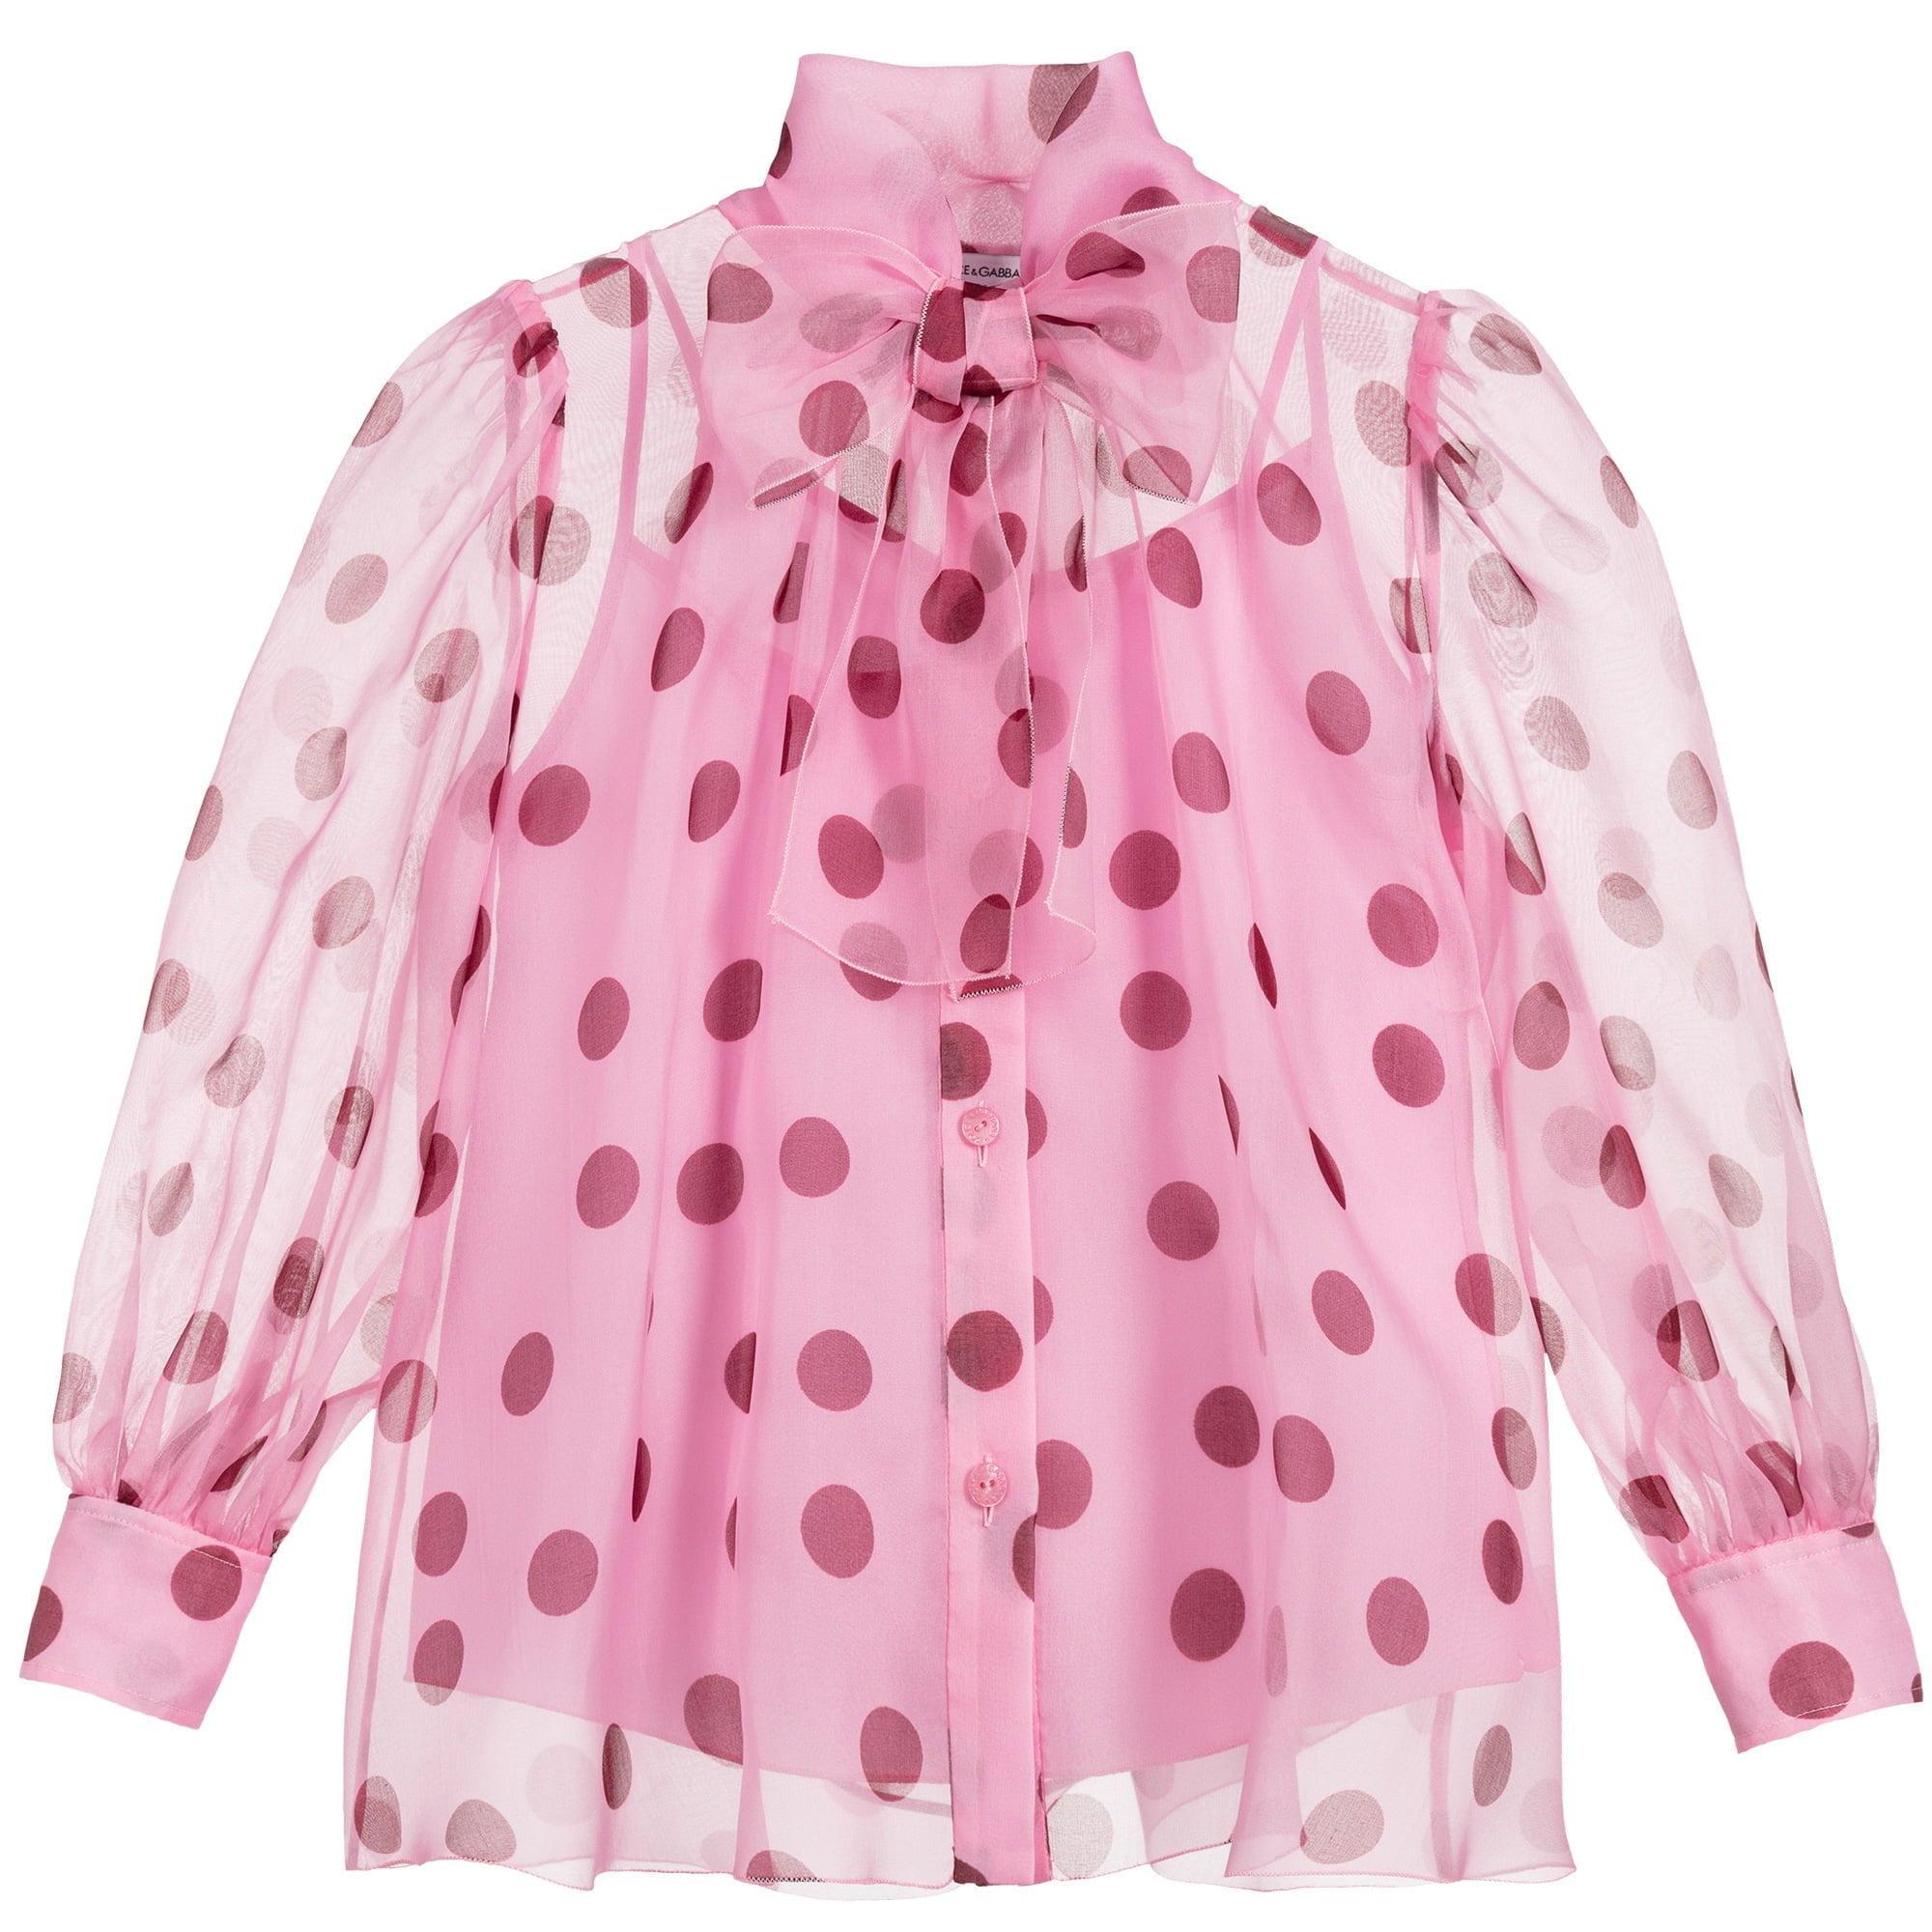 Pink-Polka-Dot-Organza-top